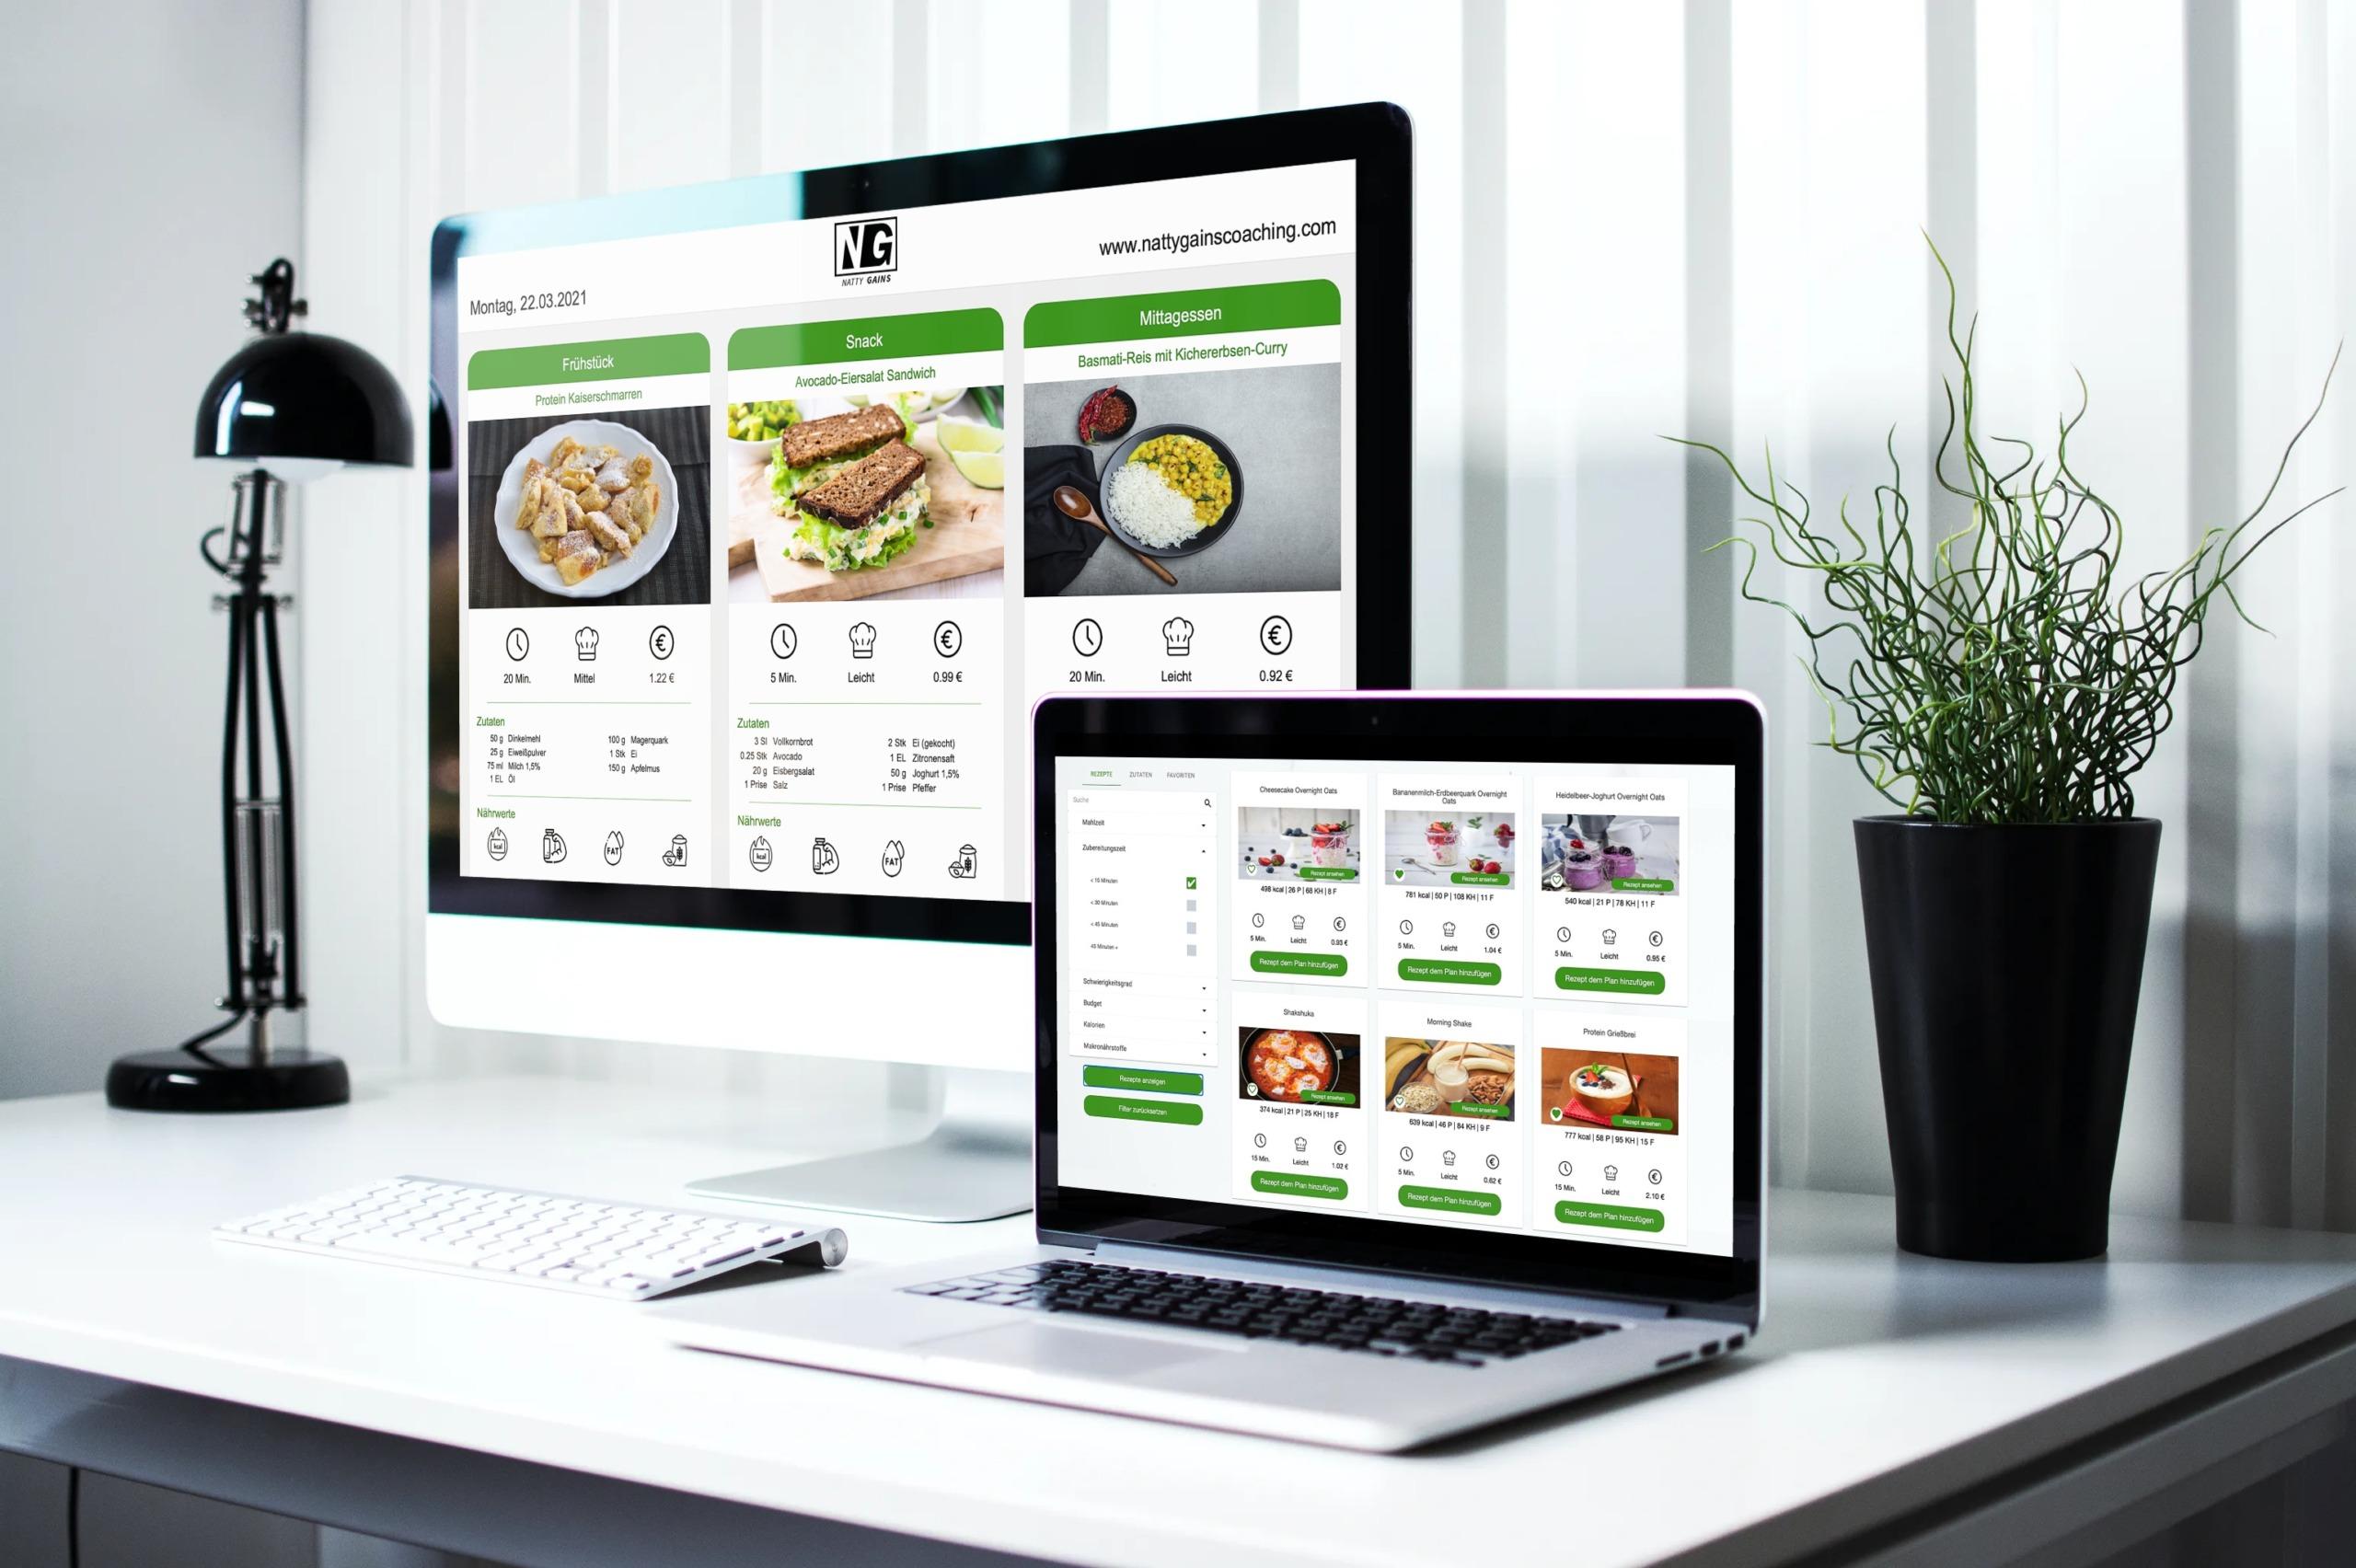 Ernährungssoftware für Online Fitness Coaches - Ernährungscoaching mit eigener Ernährungs-App